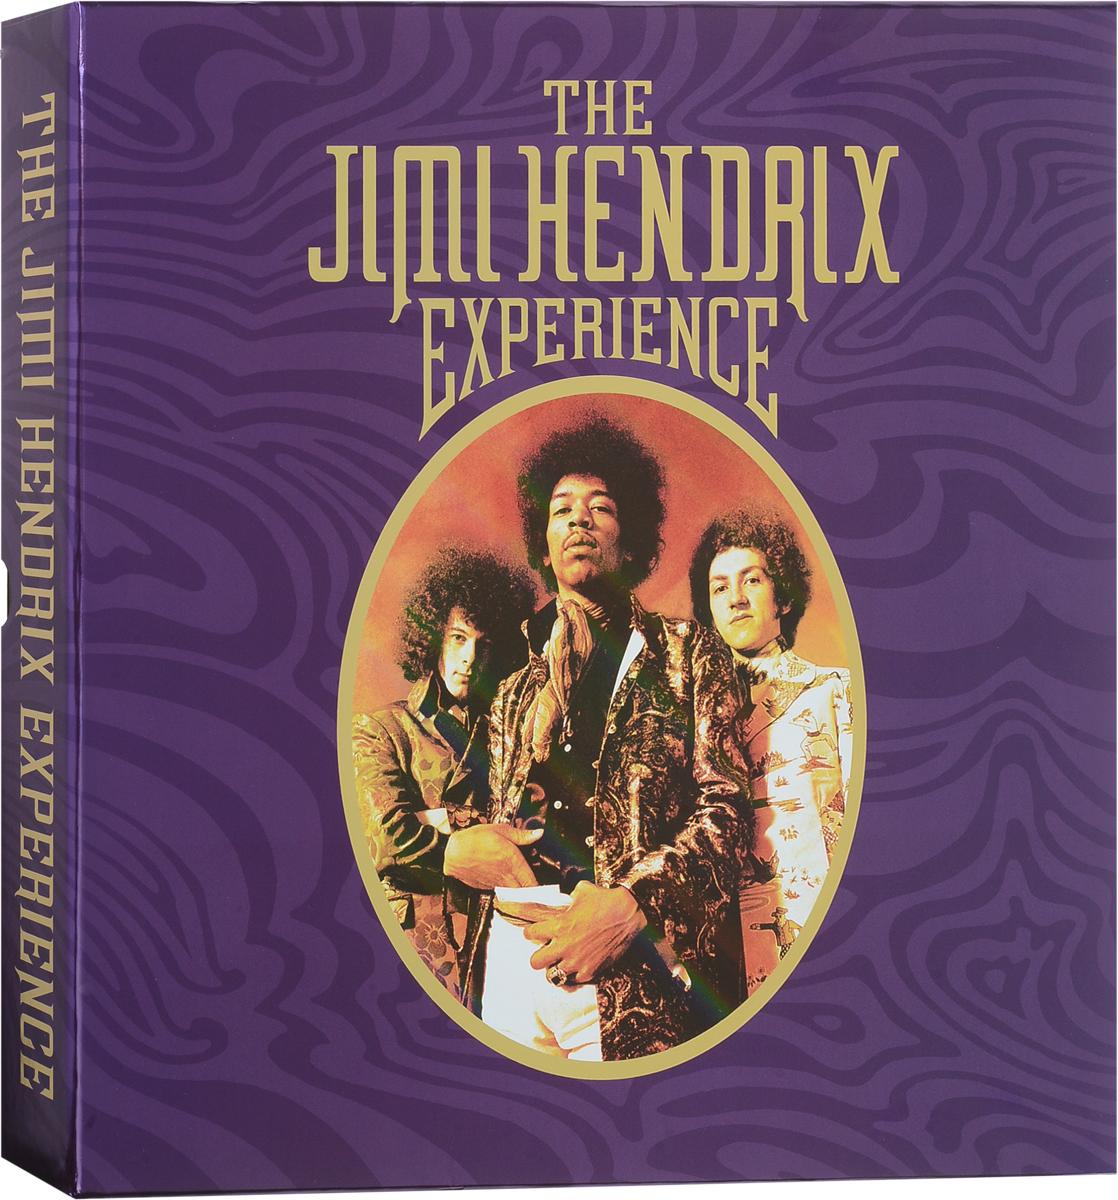 Джими Хендрикс Jimi Hendrix. Experience Hendrix. The Jimi Hendrix Experience (8 LP) цена 2017